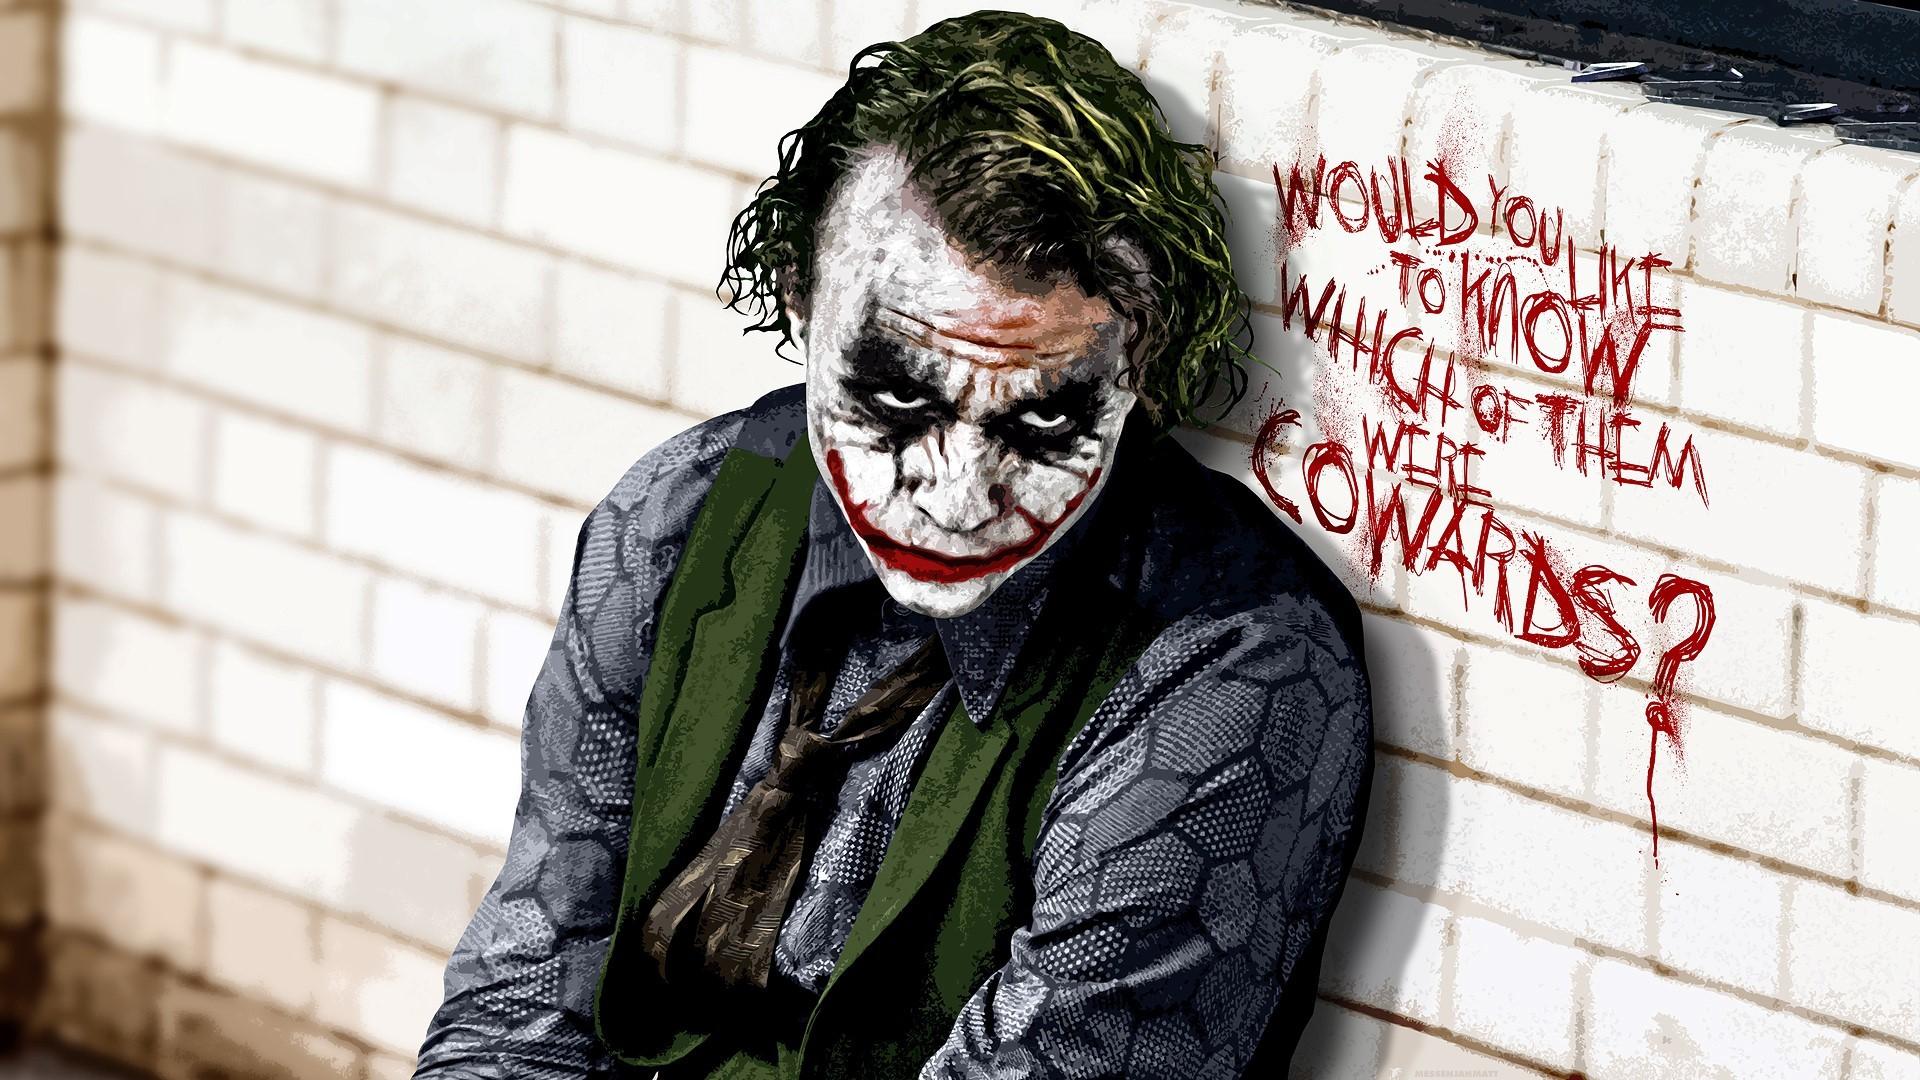 The Joker in Batman Movie Wallpaper | HD Wallpapers